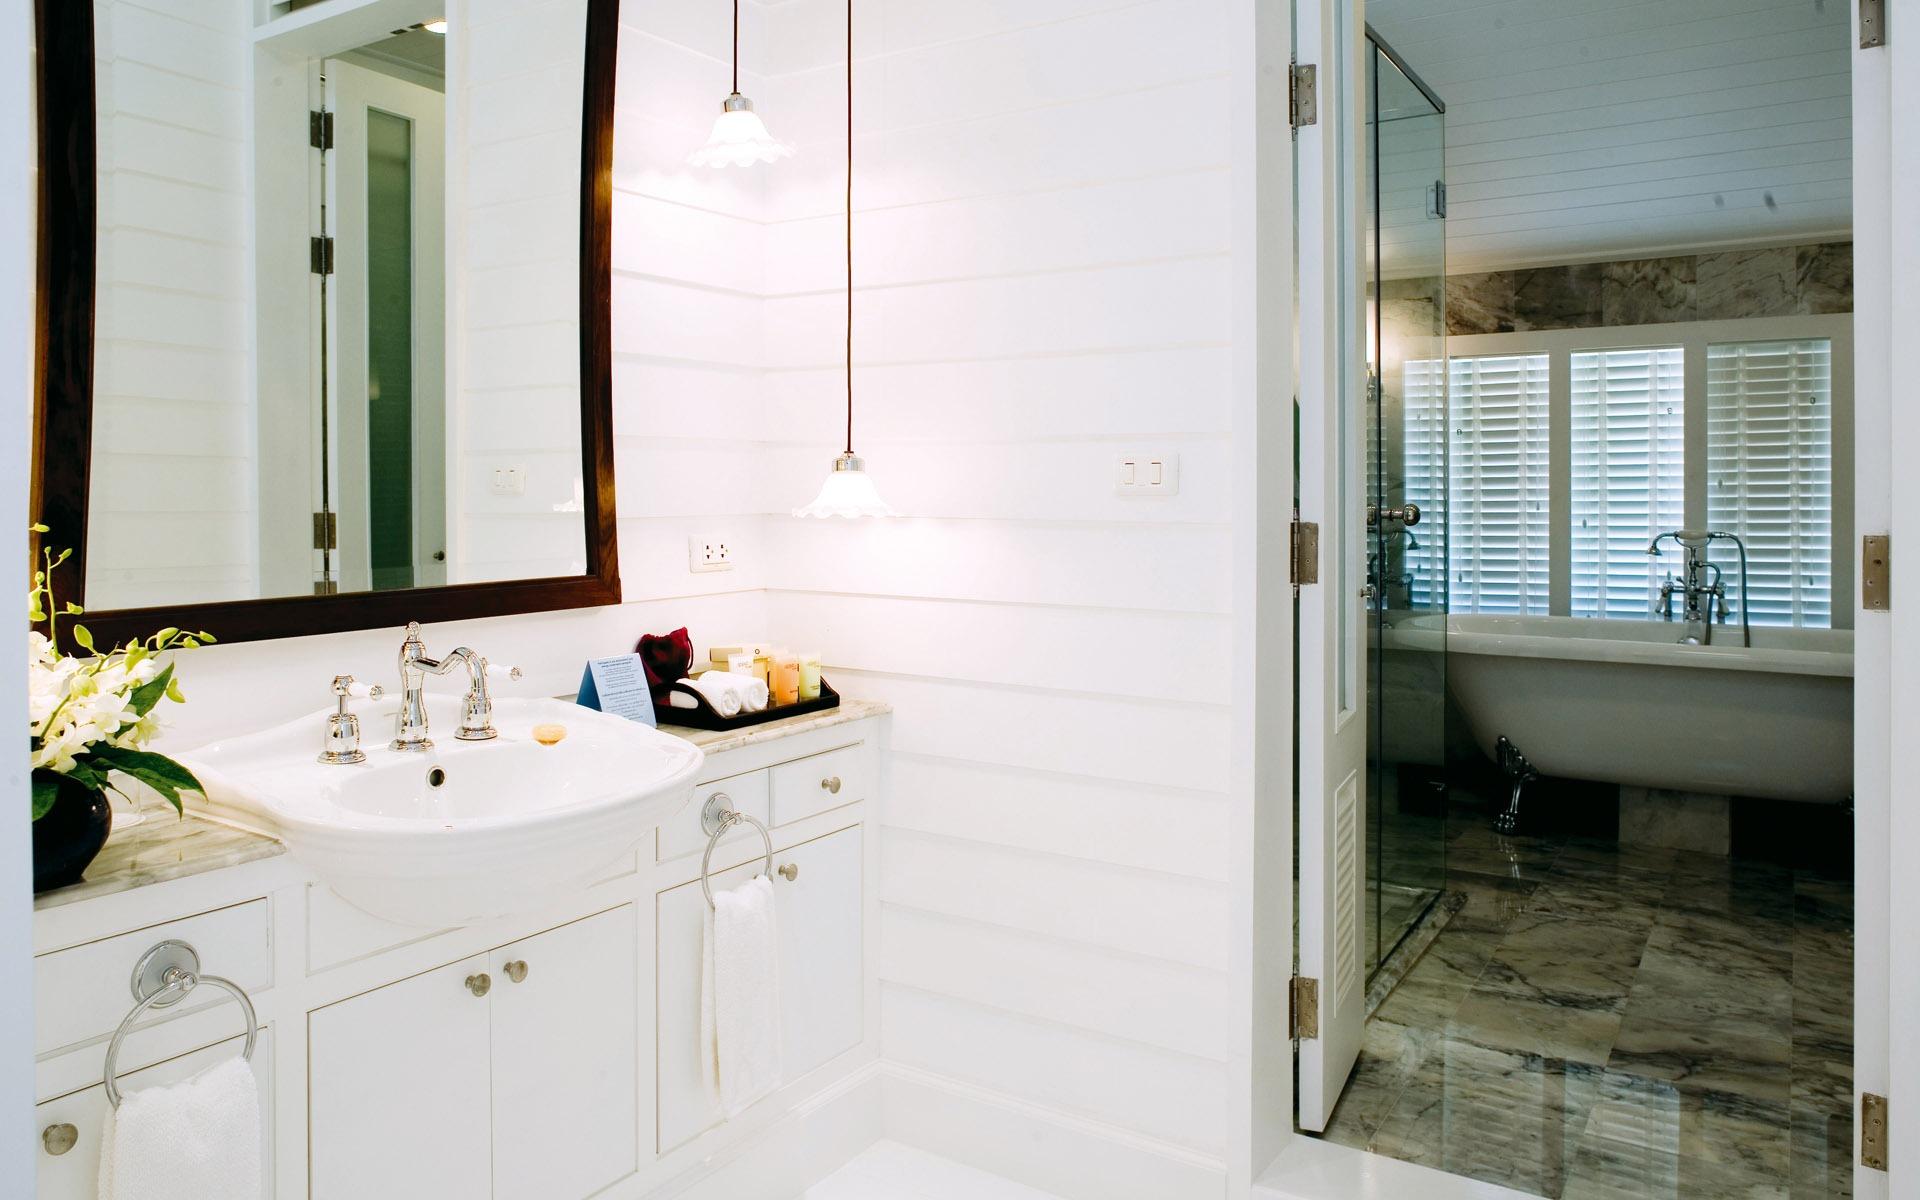 fond d 39 cran photo salle de bain 1 7 1920x1200 fond d 39 cran t l charger fond d 39 cran. Black Bedroom Furniture Sets. Home Design Ideas